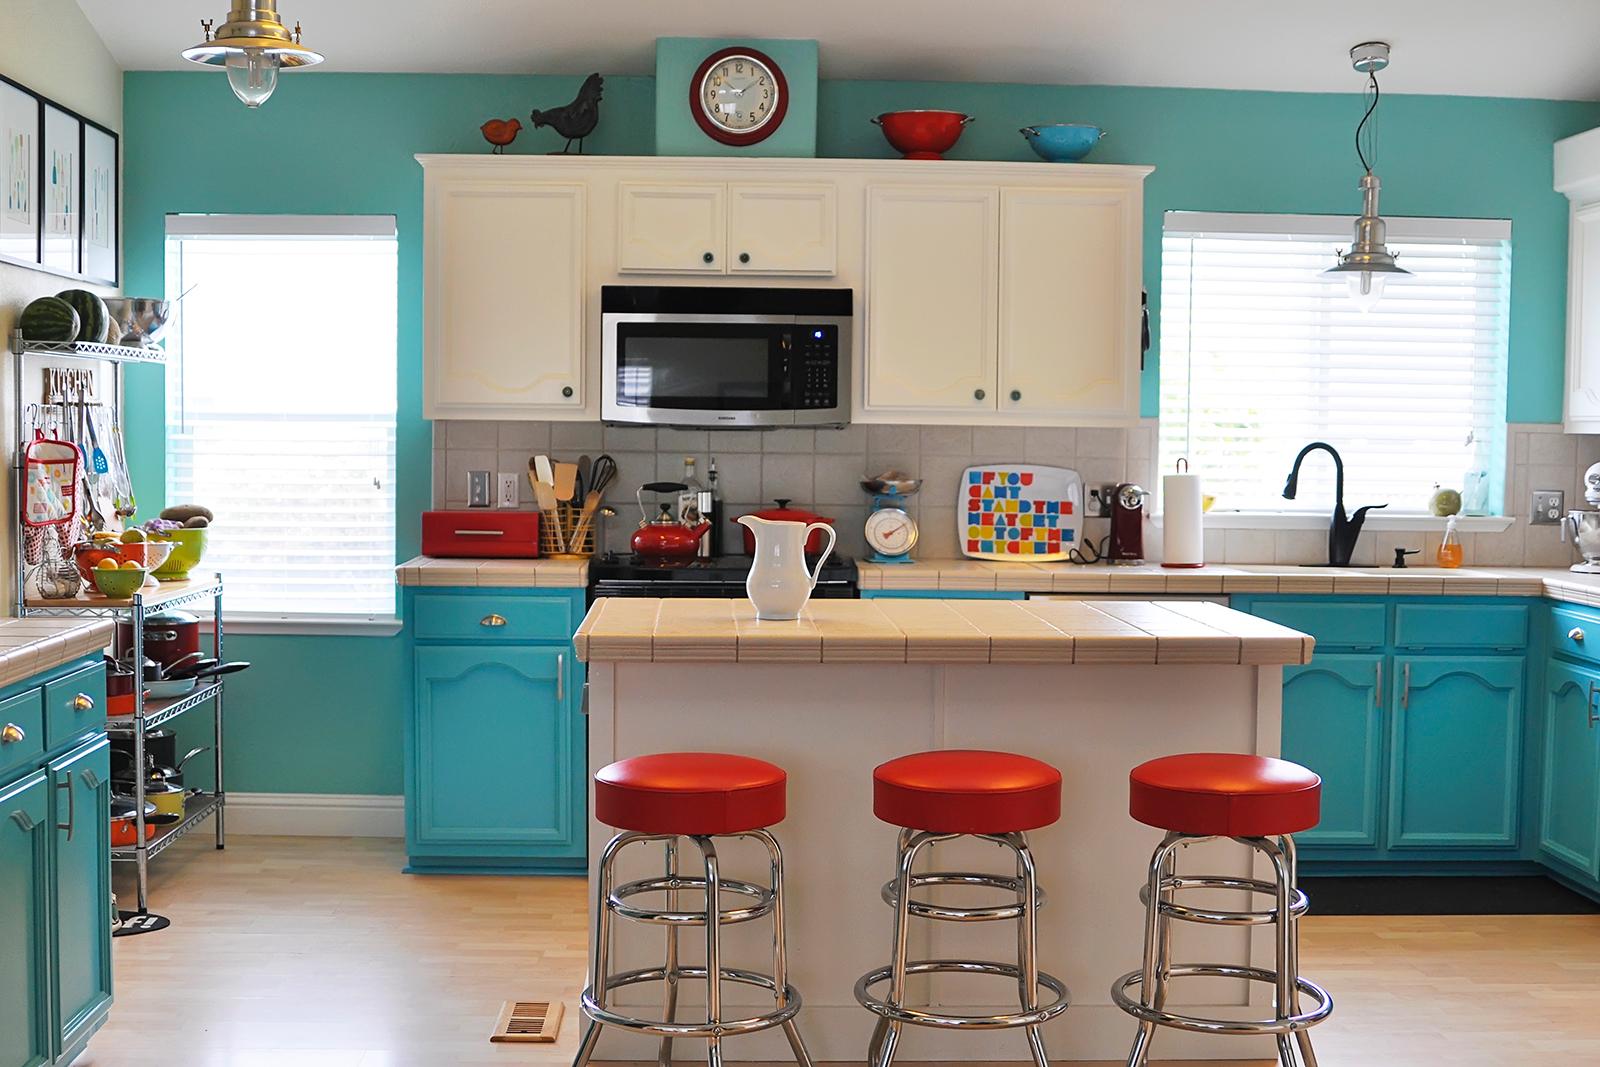 tips for kitchen remodeling kitchen remodels Kitchen Remodeling Decisions You ll Never Regret